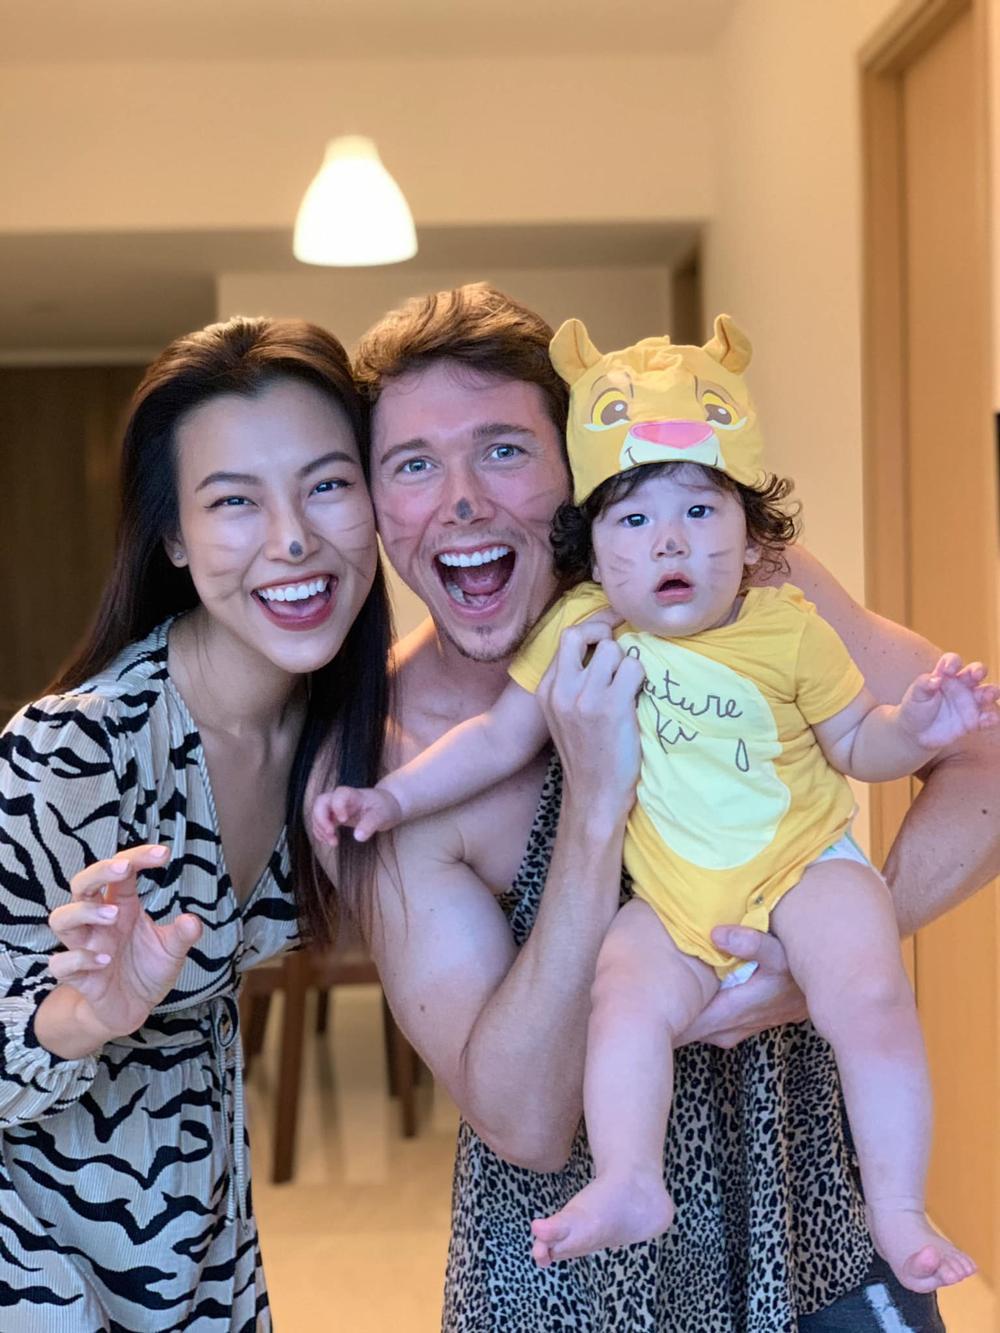 MC Hoàng Oanh đăng ảnh tình tứ kèm lời mật ngọt mừng sinh nhật chồng Tây Ảnh 2